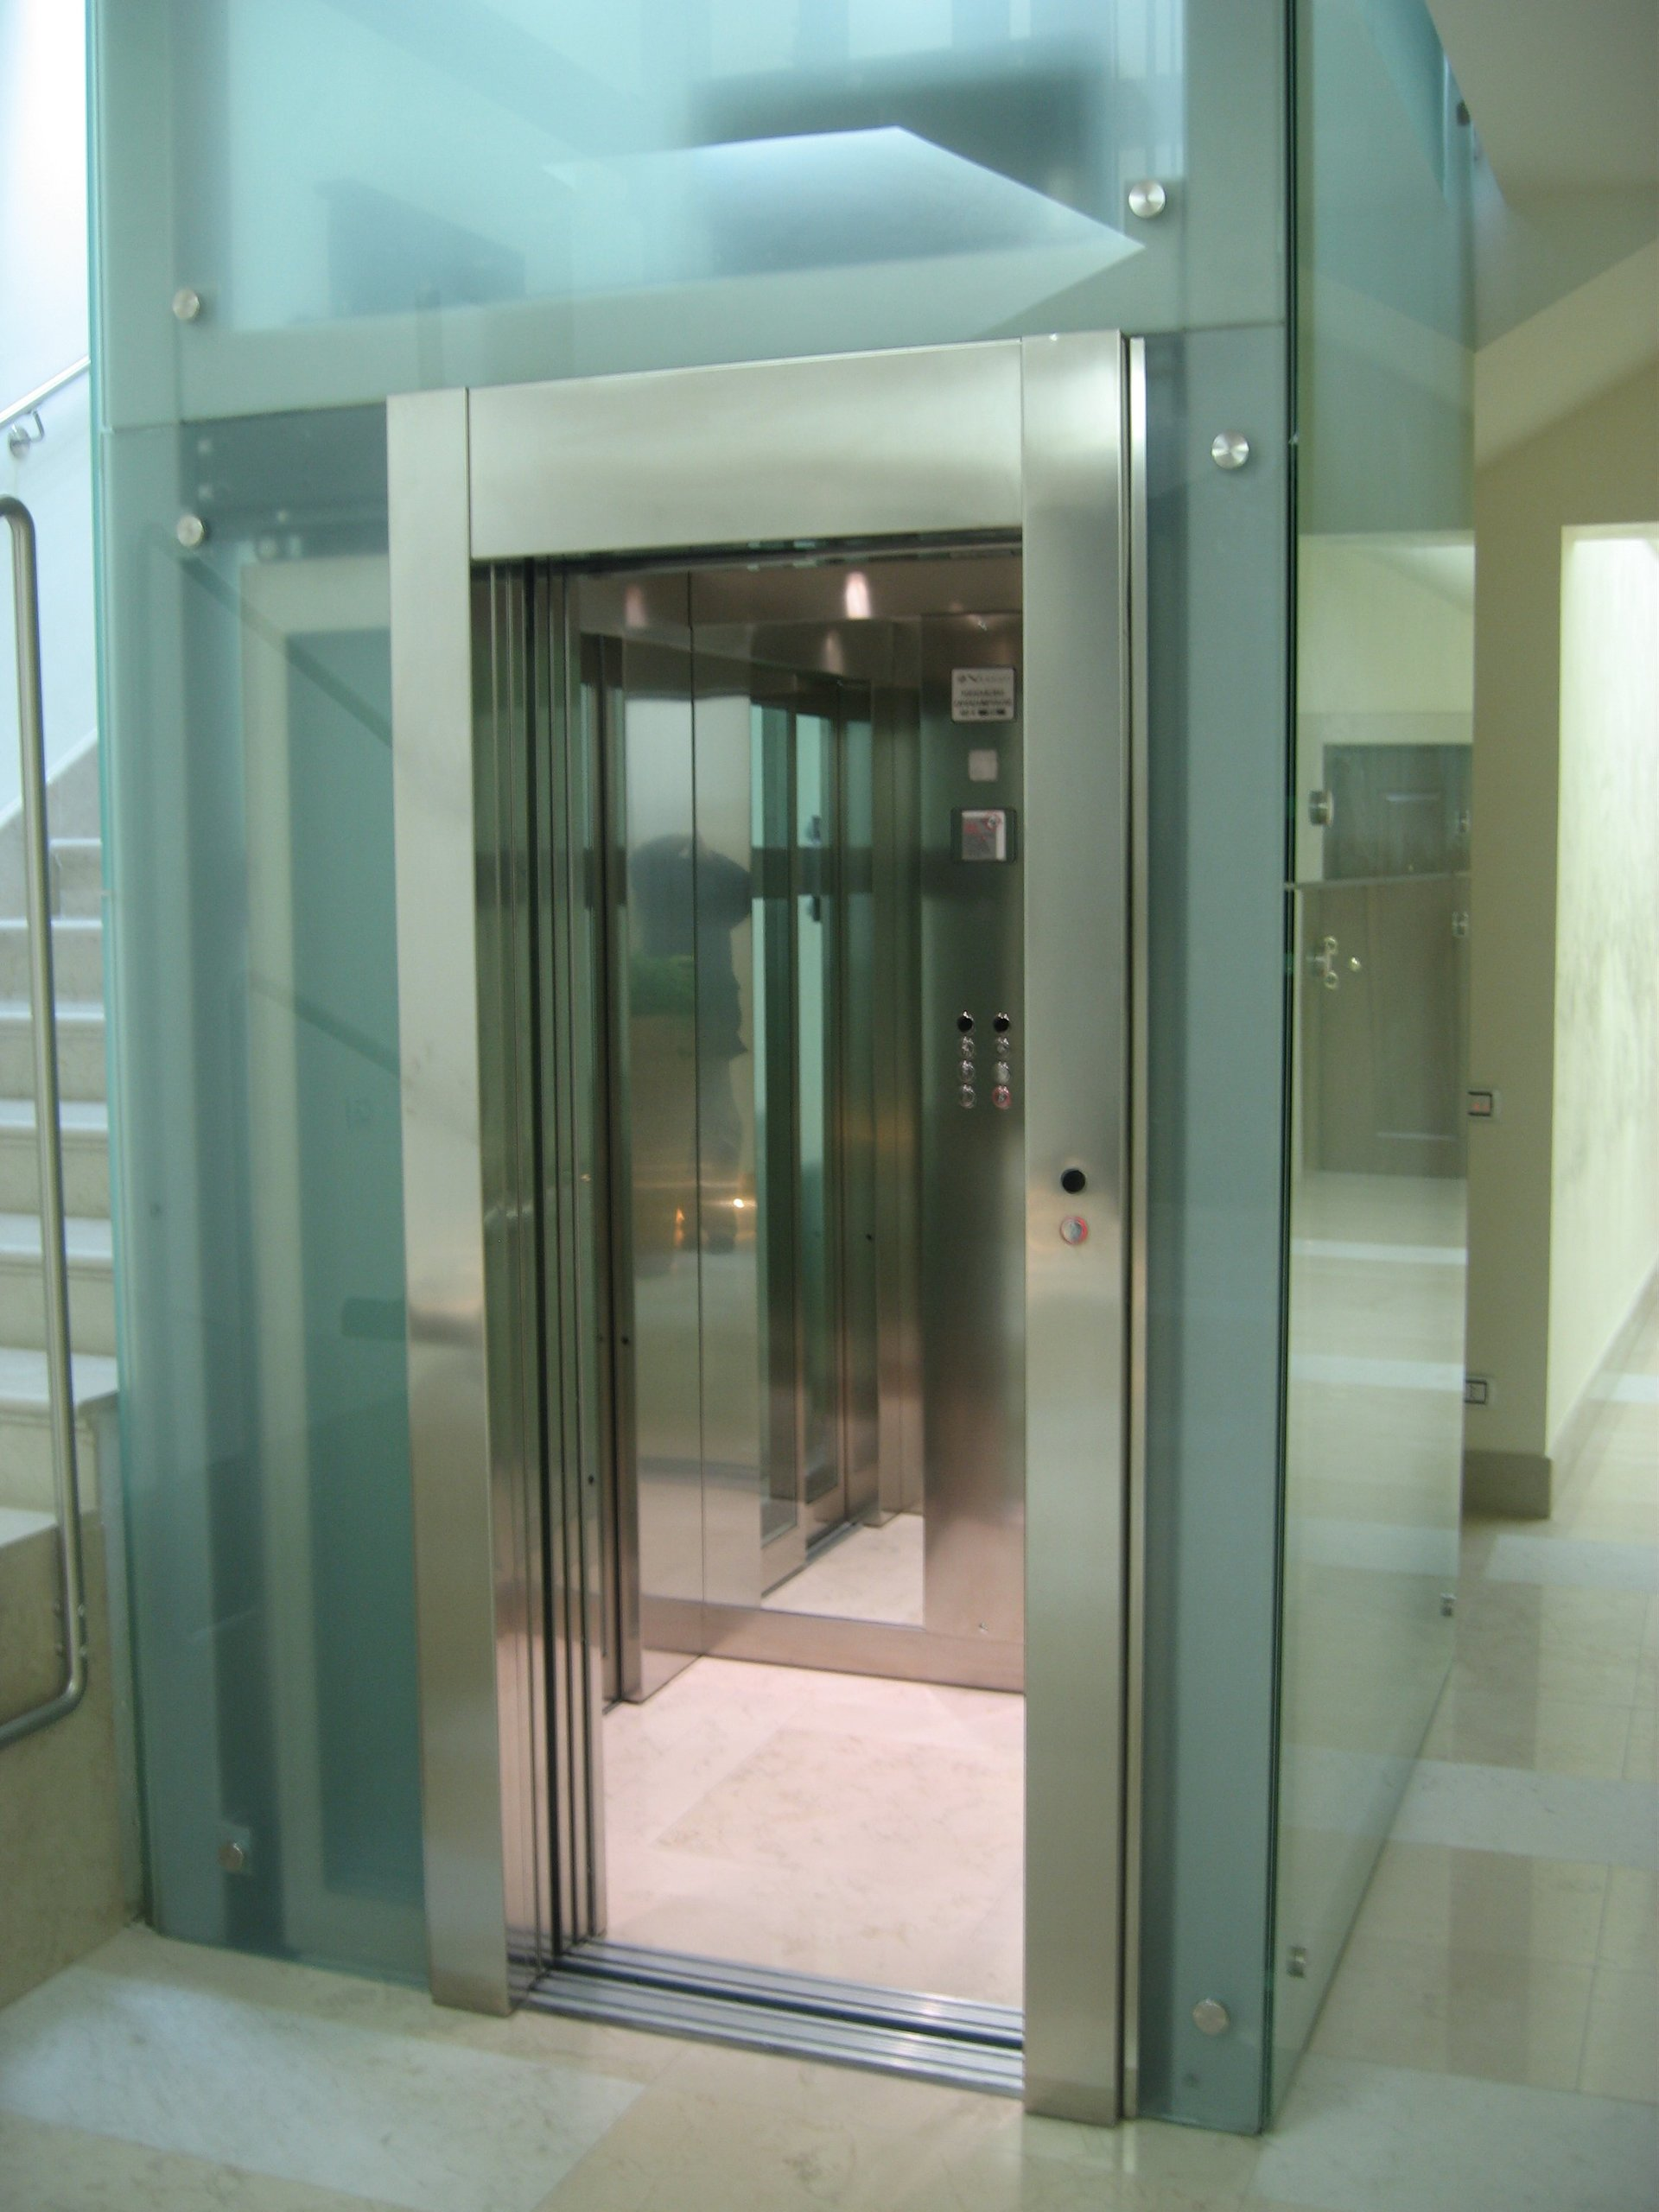 Montaggio ascensori mestrino pd vergati ascensori - Costo ascensore interno 3 piani ...